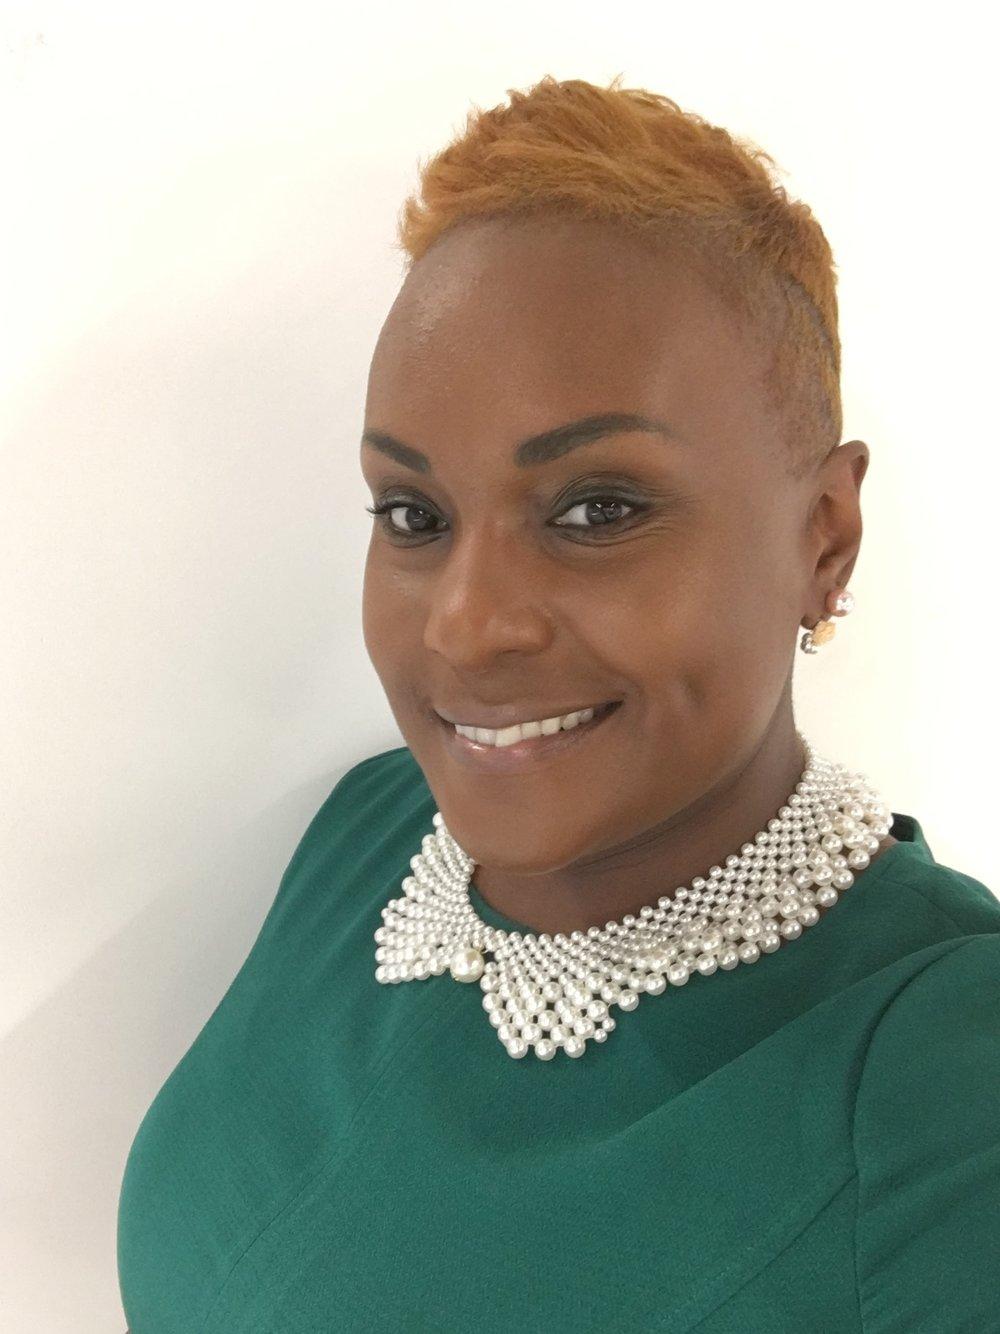 Ms. Schalette Gudger, English Language Arts Teacher  Email: schalette.gudger@dc.gov